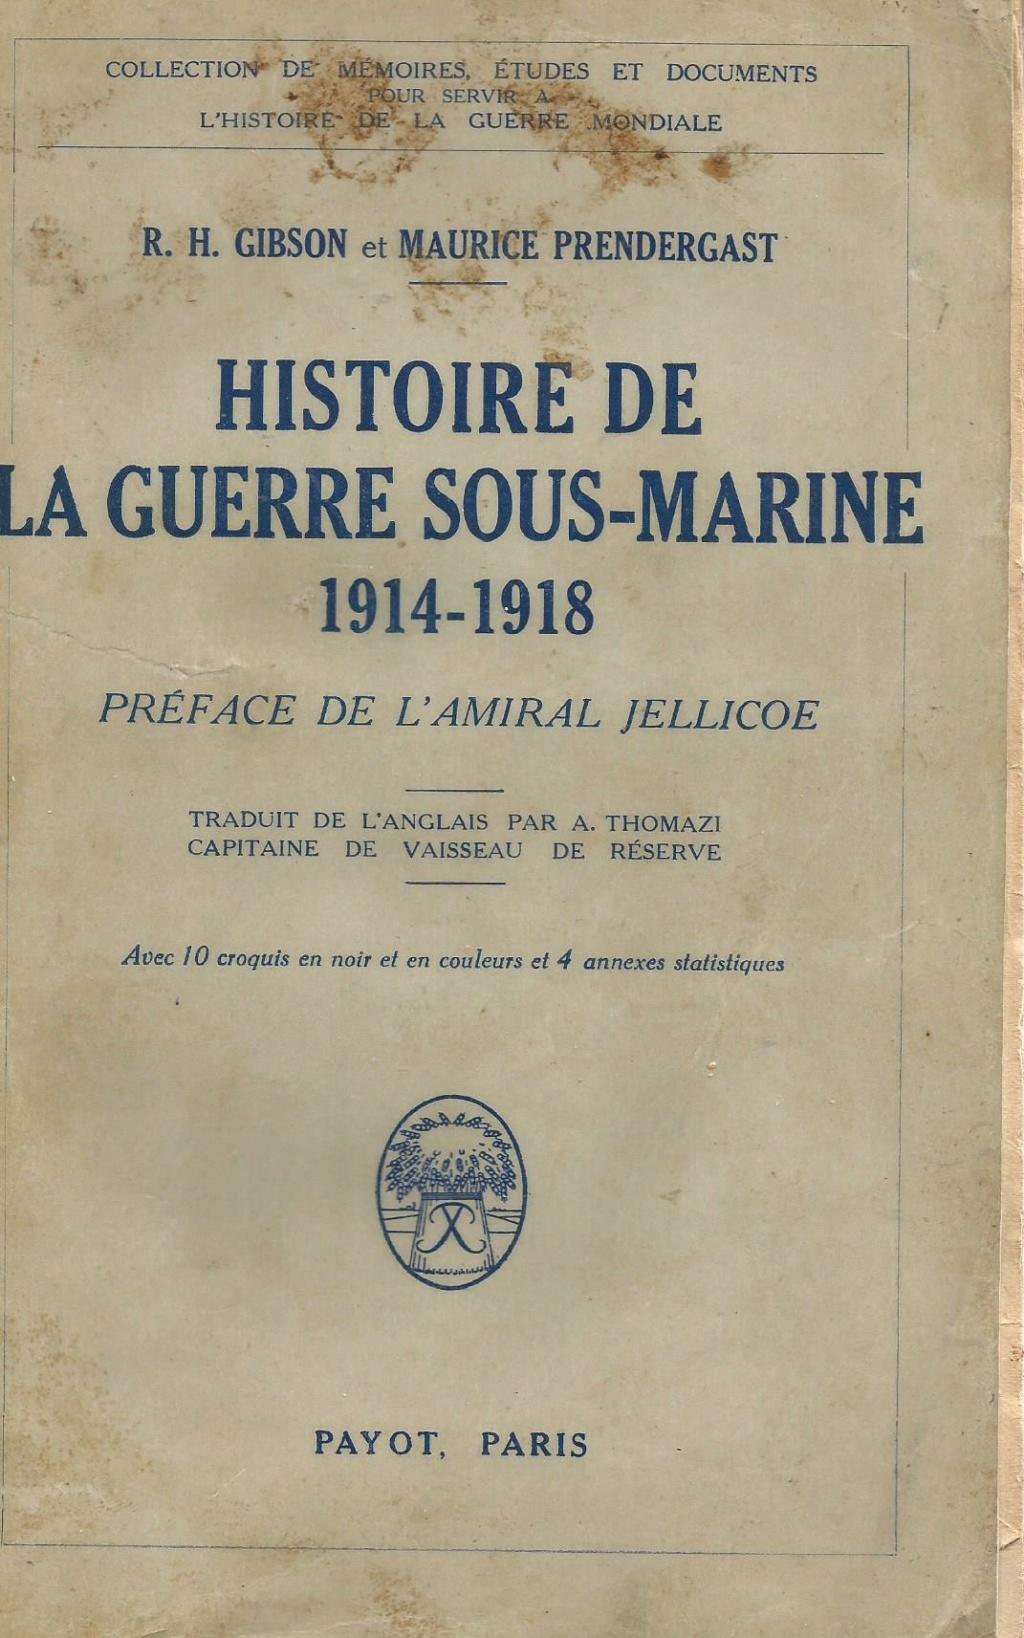 Documents et livres relatifs à la guerre 14-18 Guerre10